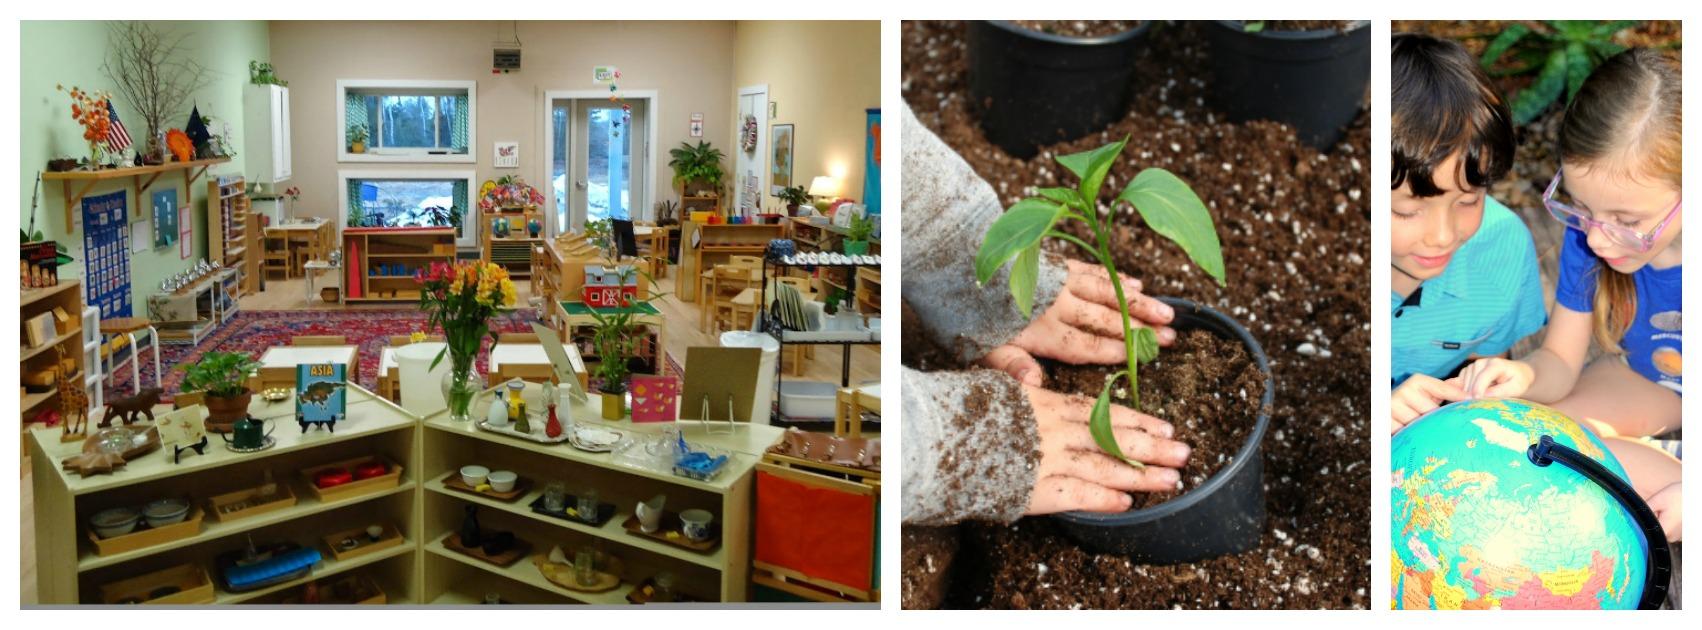 Laniakea | Montessori School in Gainesville Fl